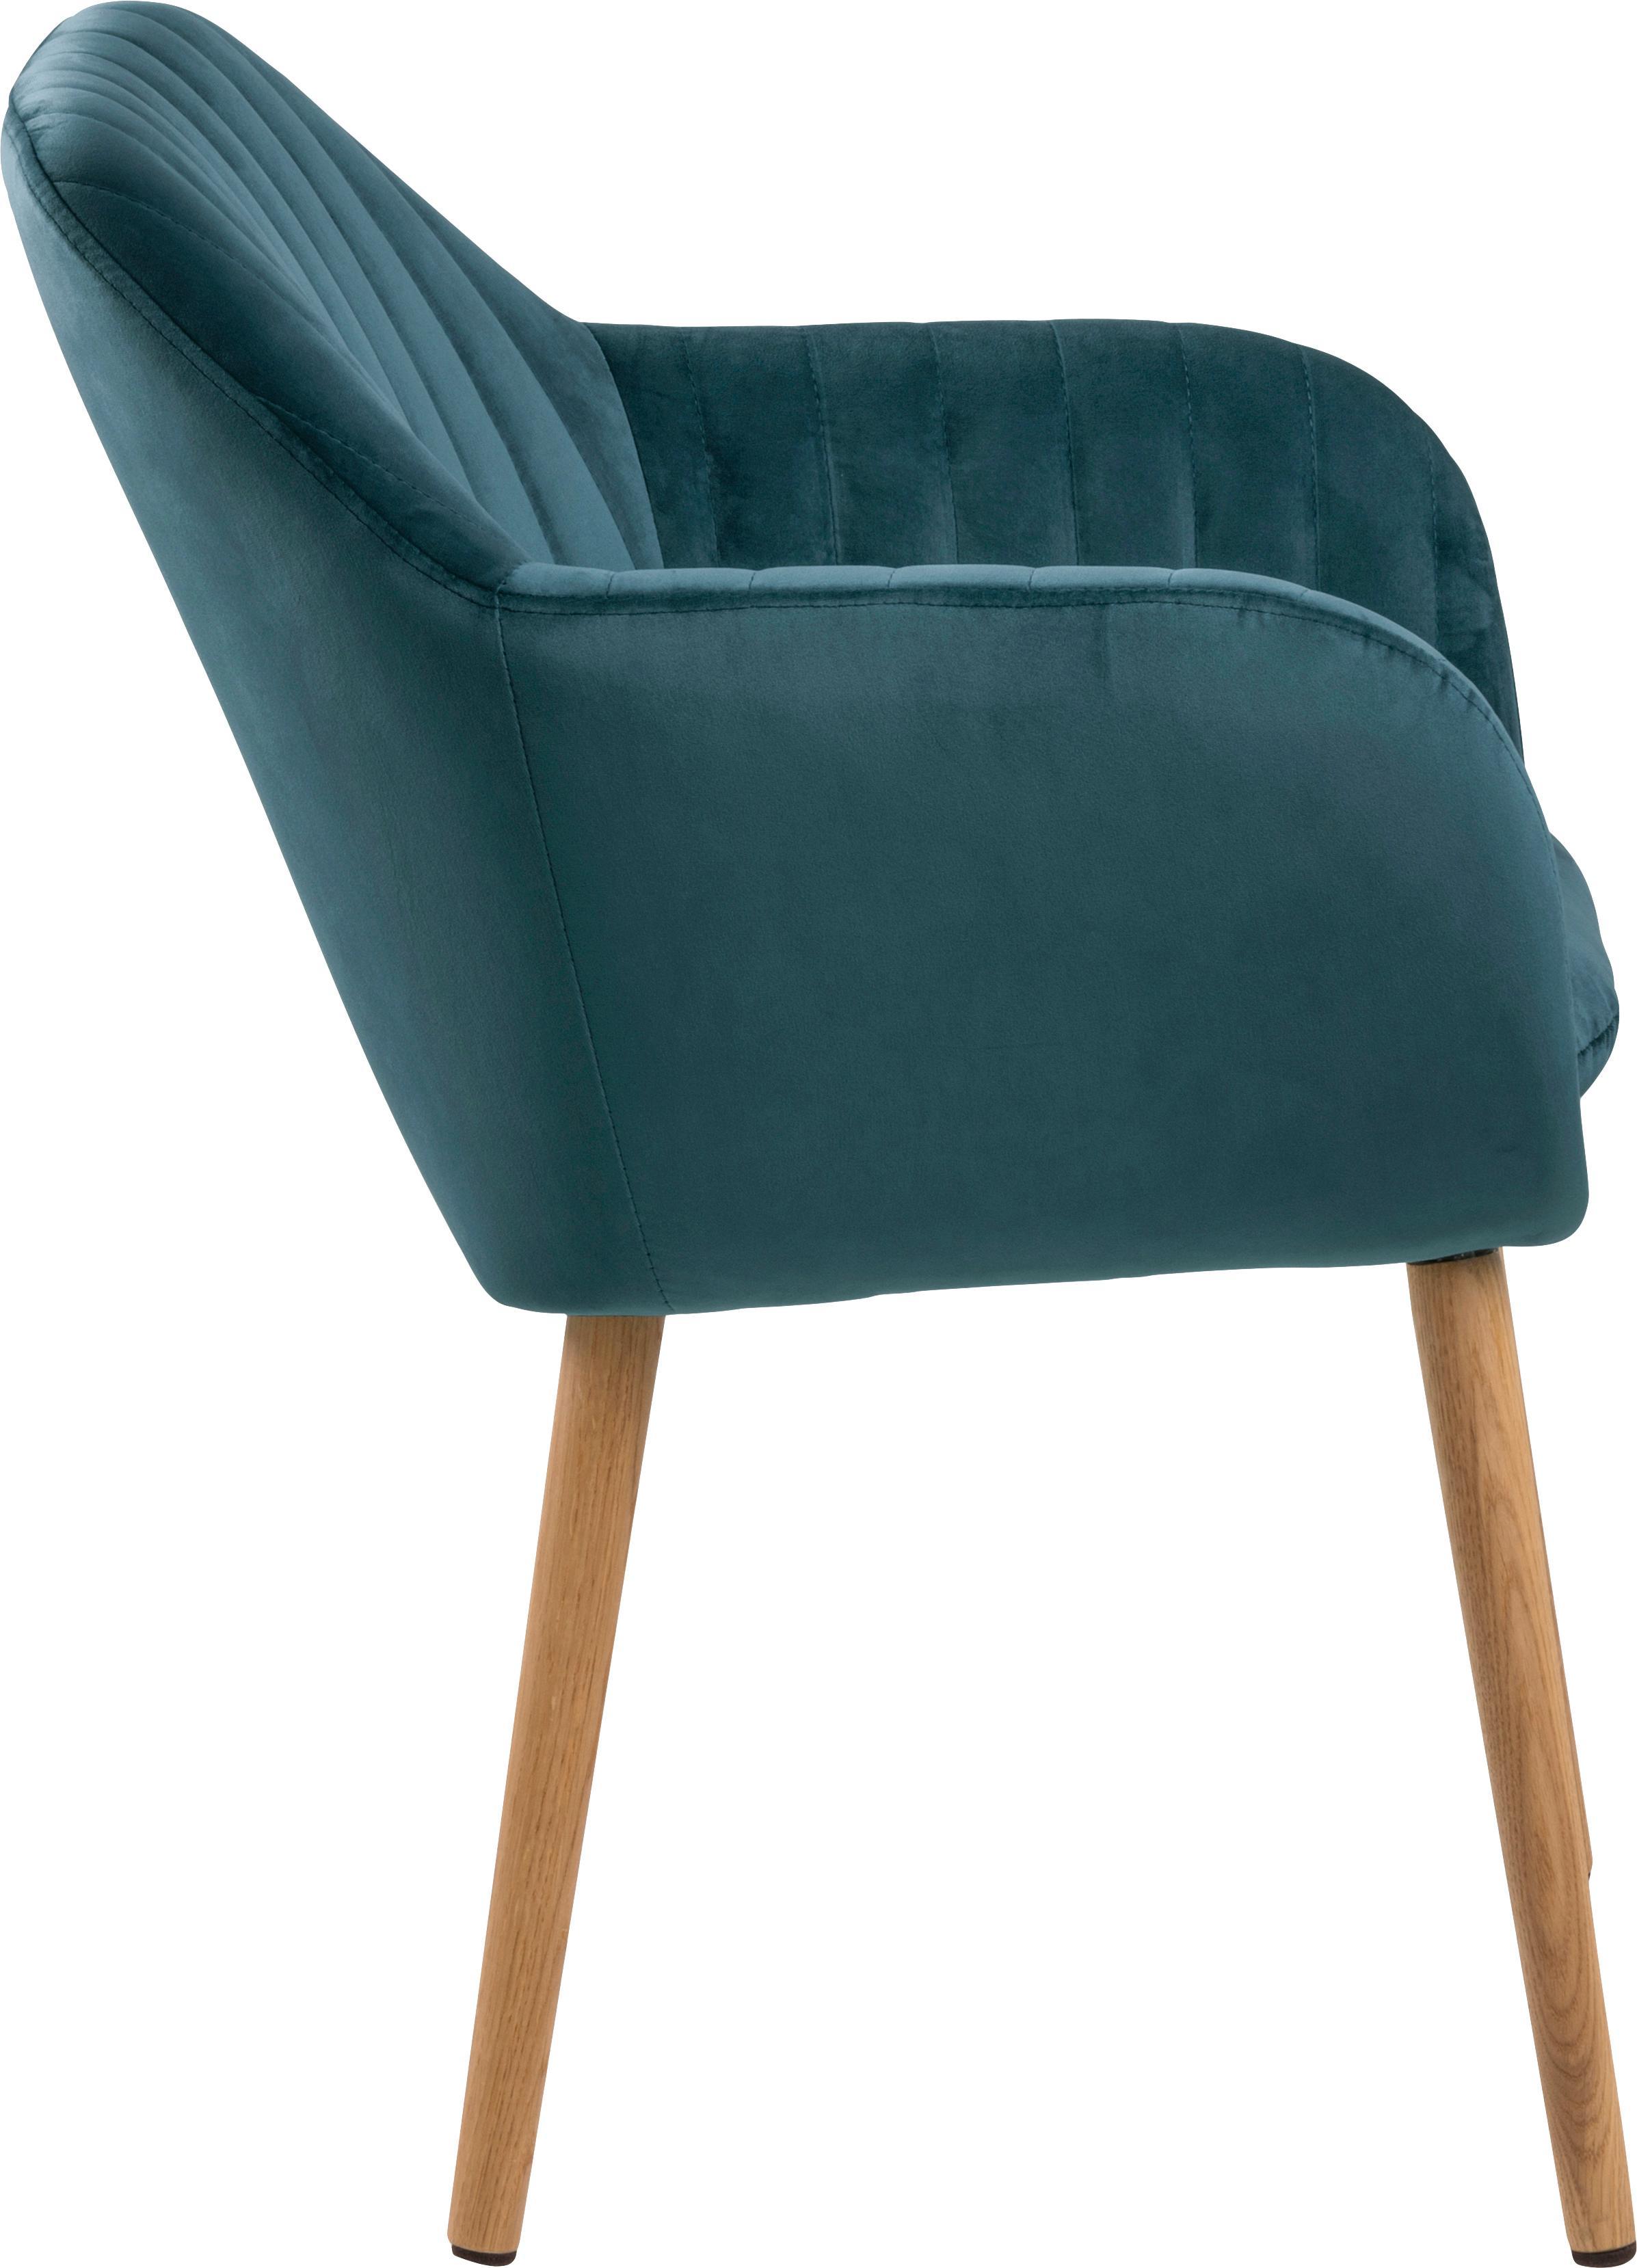 Silla de terciopelo Emilia, Tapizado: poliéster (terciopelo), Patas: madera de roble, aceitado, Terciopelo azul, patas roble, An 57 x F 59 cm